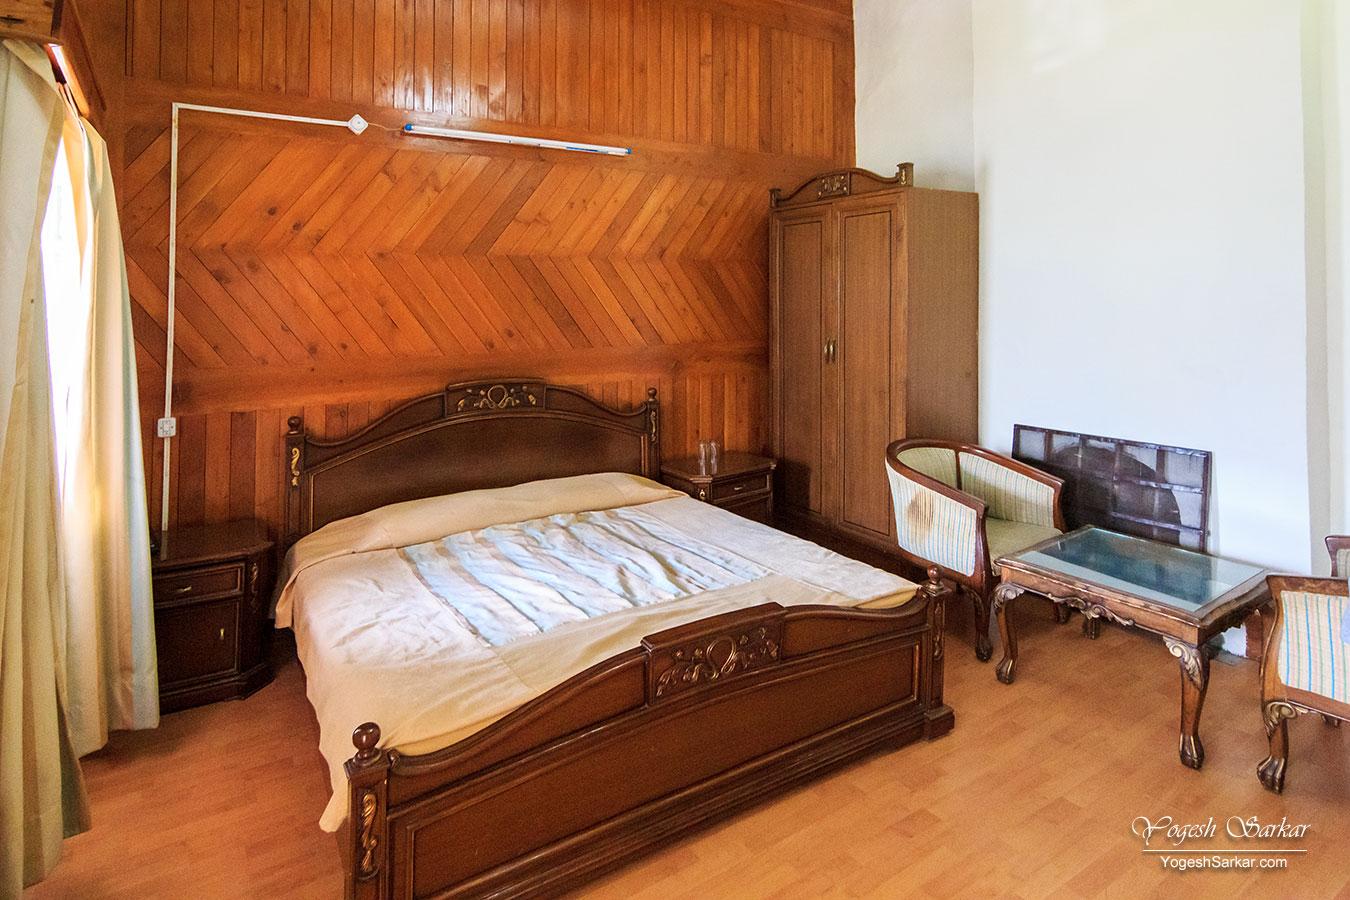 06-naggar-castle-cozy-deluxe-room.jpg